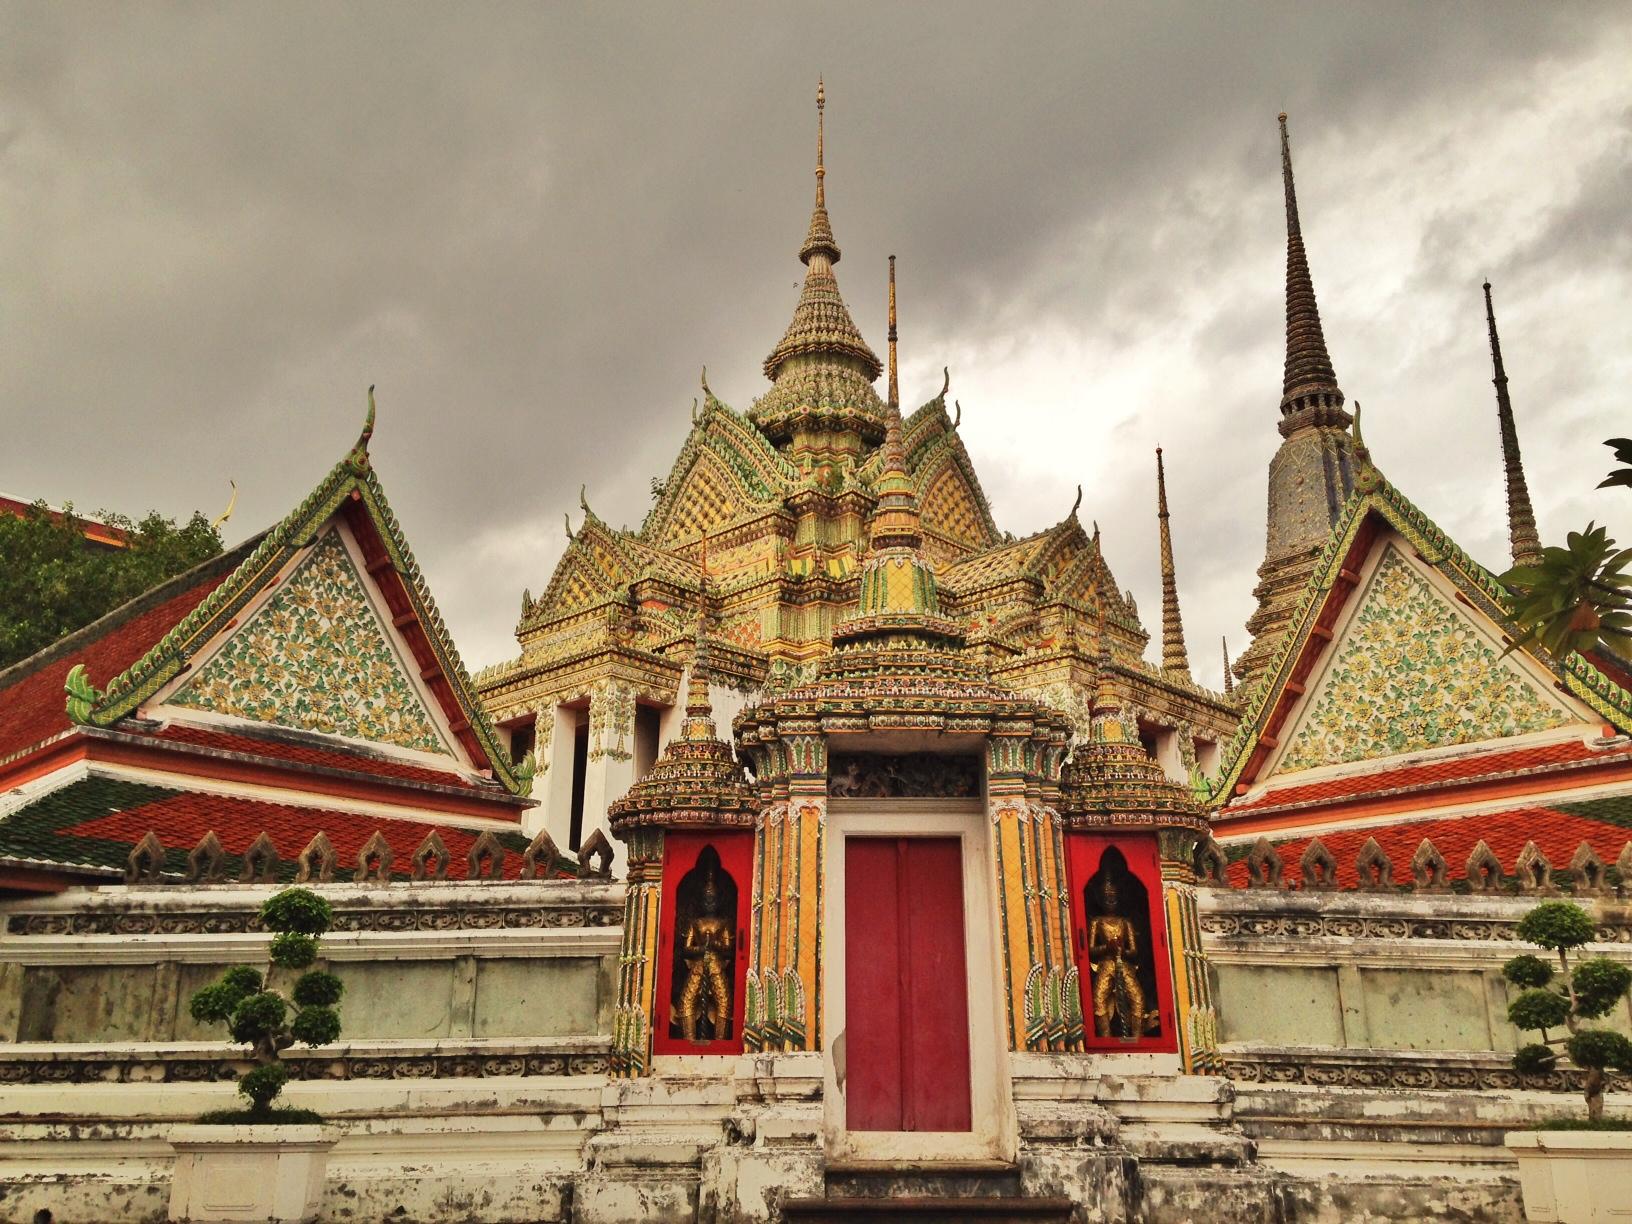 Wat Pho. Sa Buddhist temple complex na ito inaalagaan ang isang higante at ginuntuang Buddha. Katabi nito ang iba pang maraming templo na lubhang magarbo ang disenyo at pagkagawa.